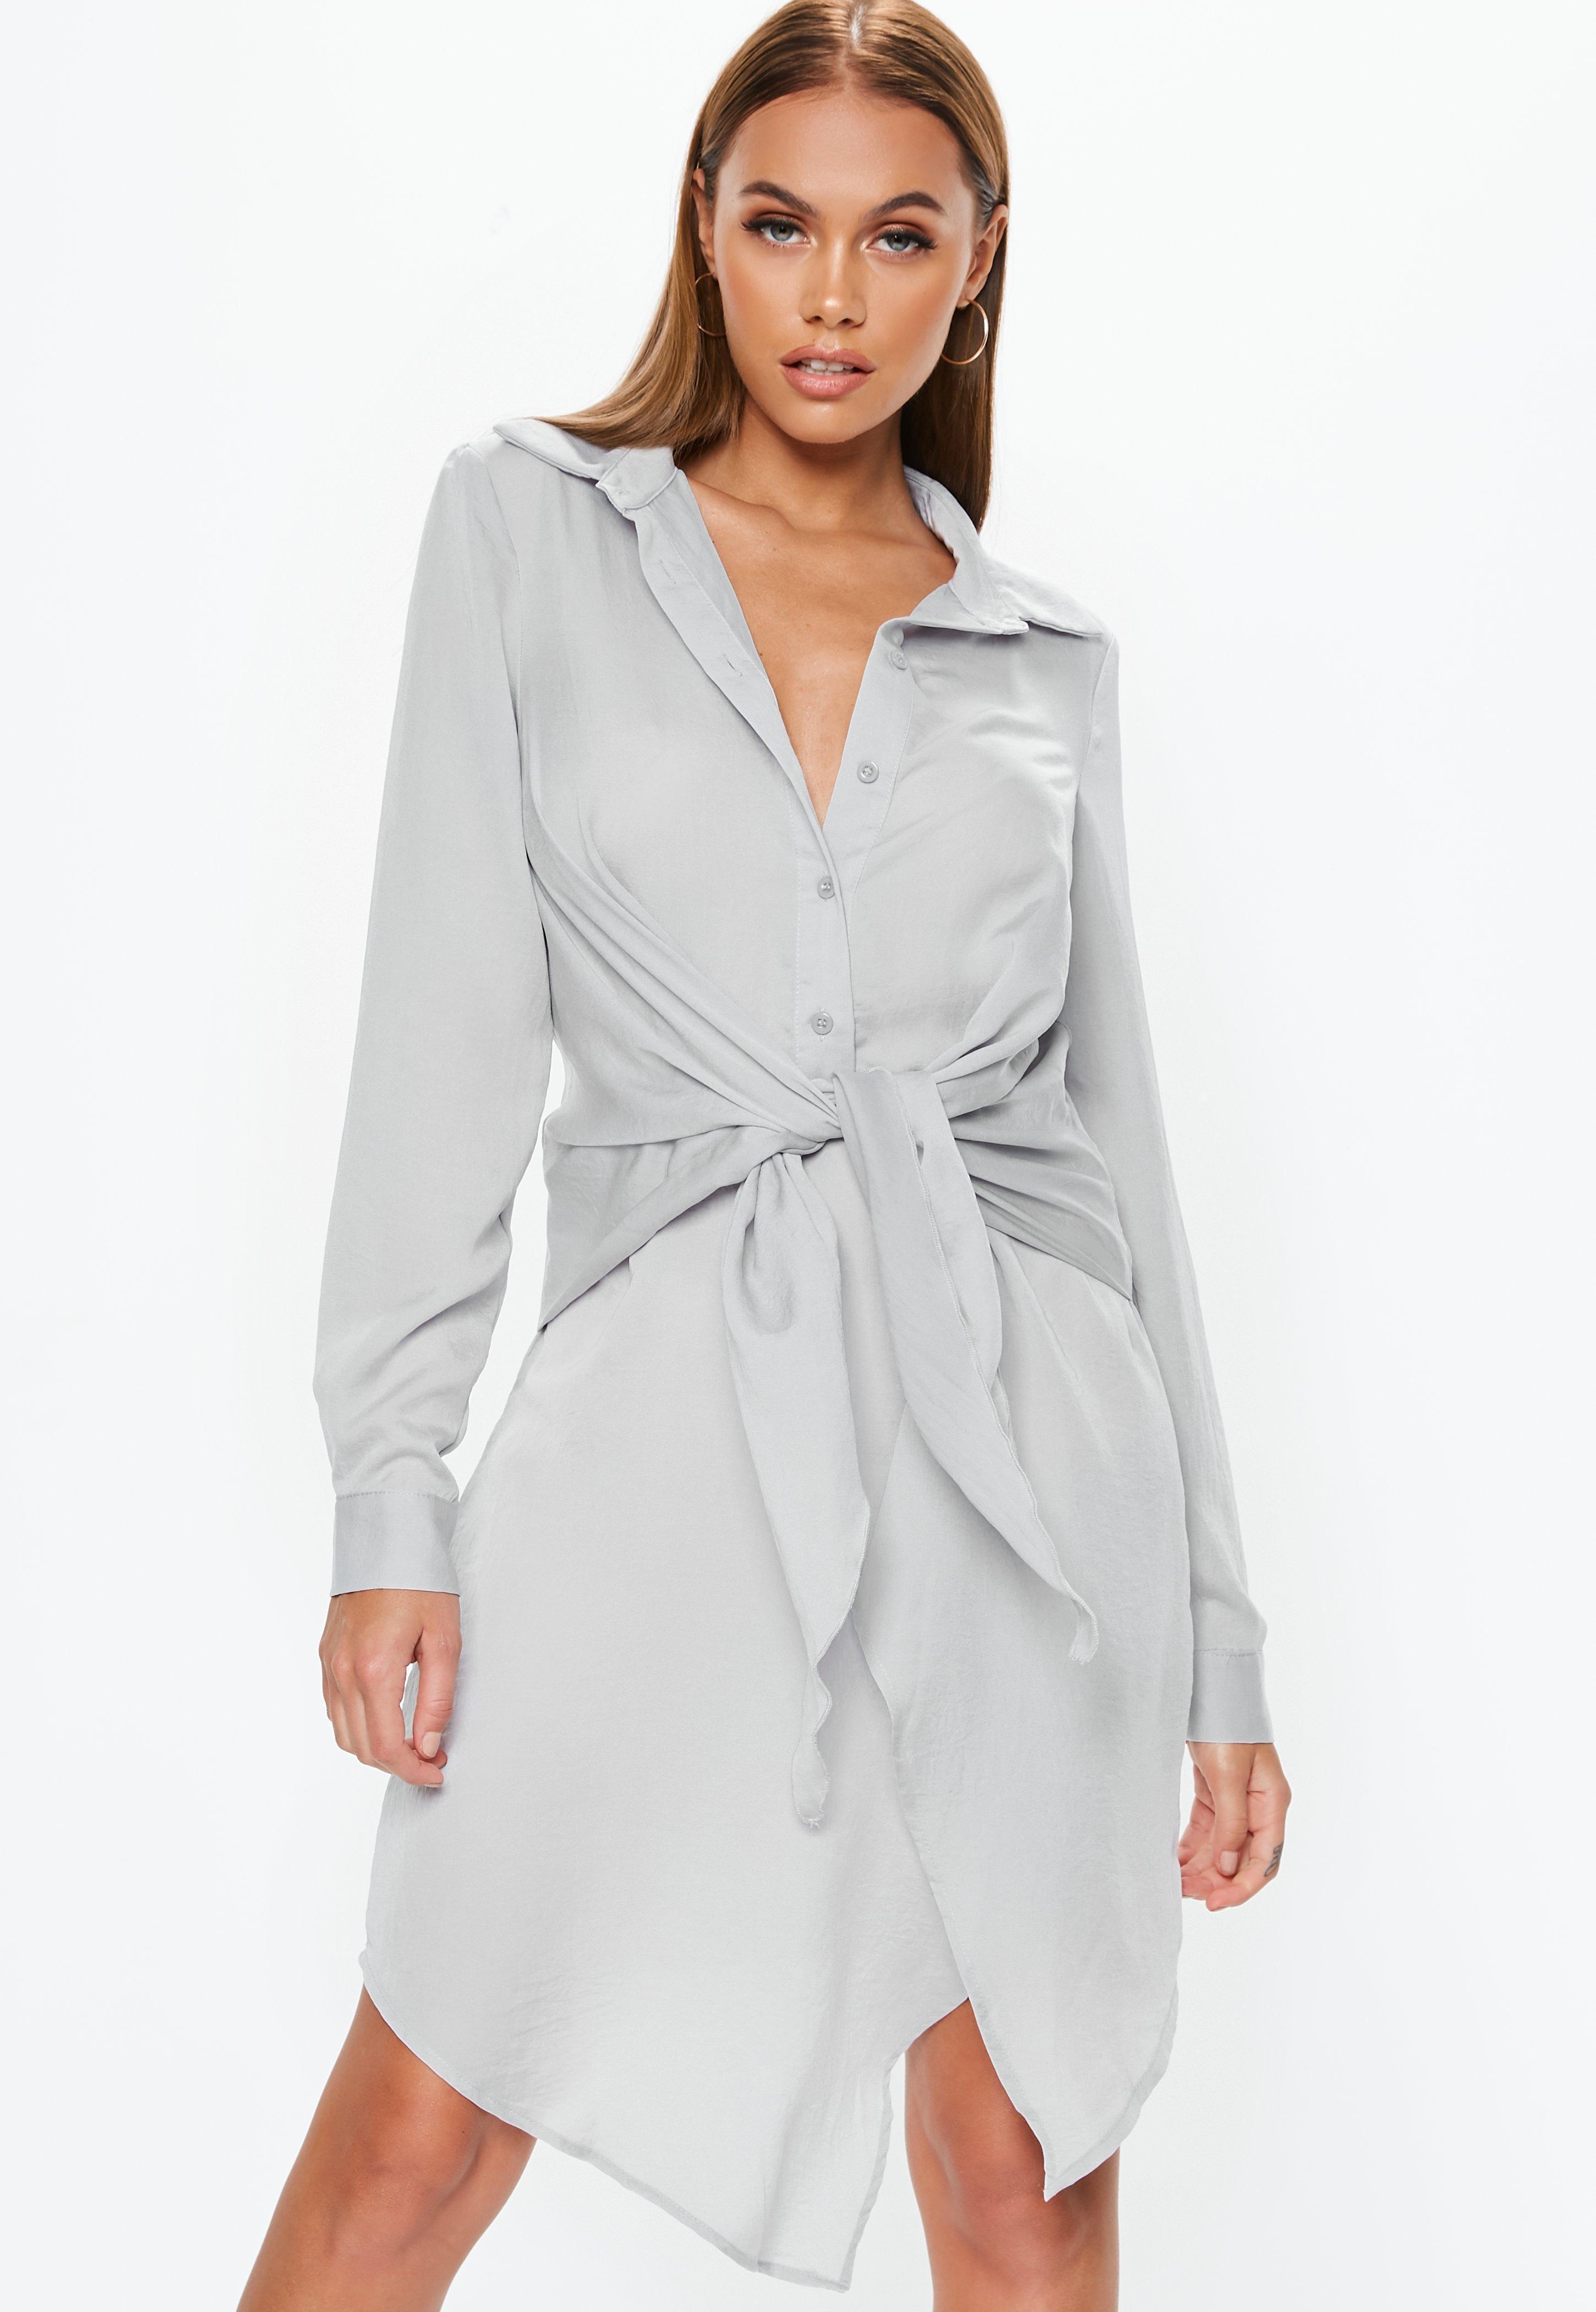 592149aa6c64 Robe-chemise grise détail nœud